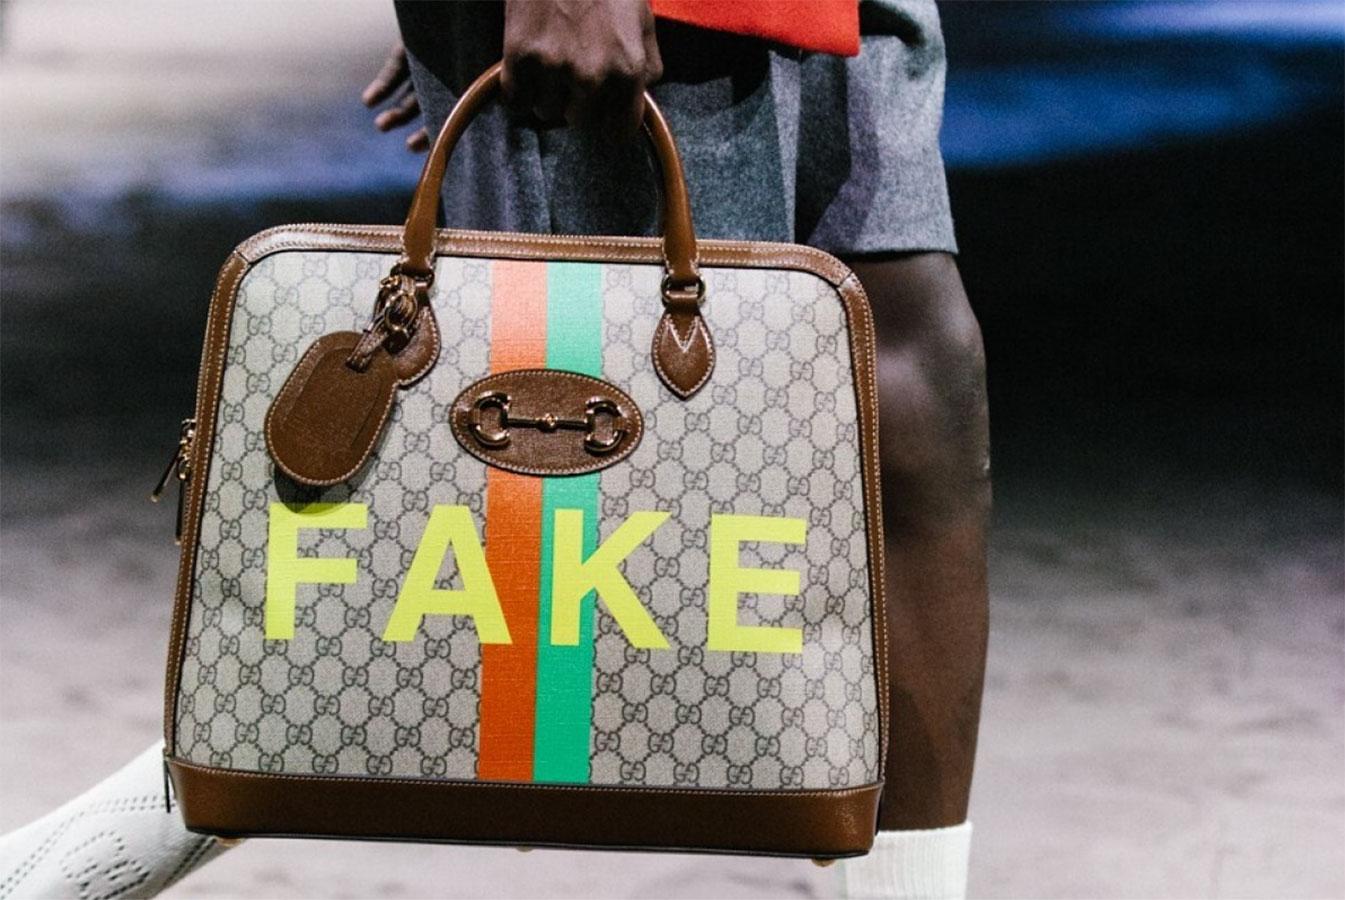 Gucci từng châm biếm vấn nạn hàng nhái bằng chính những sản phẩm của mình